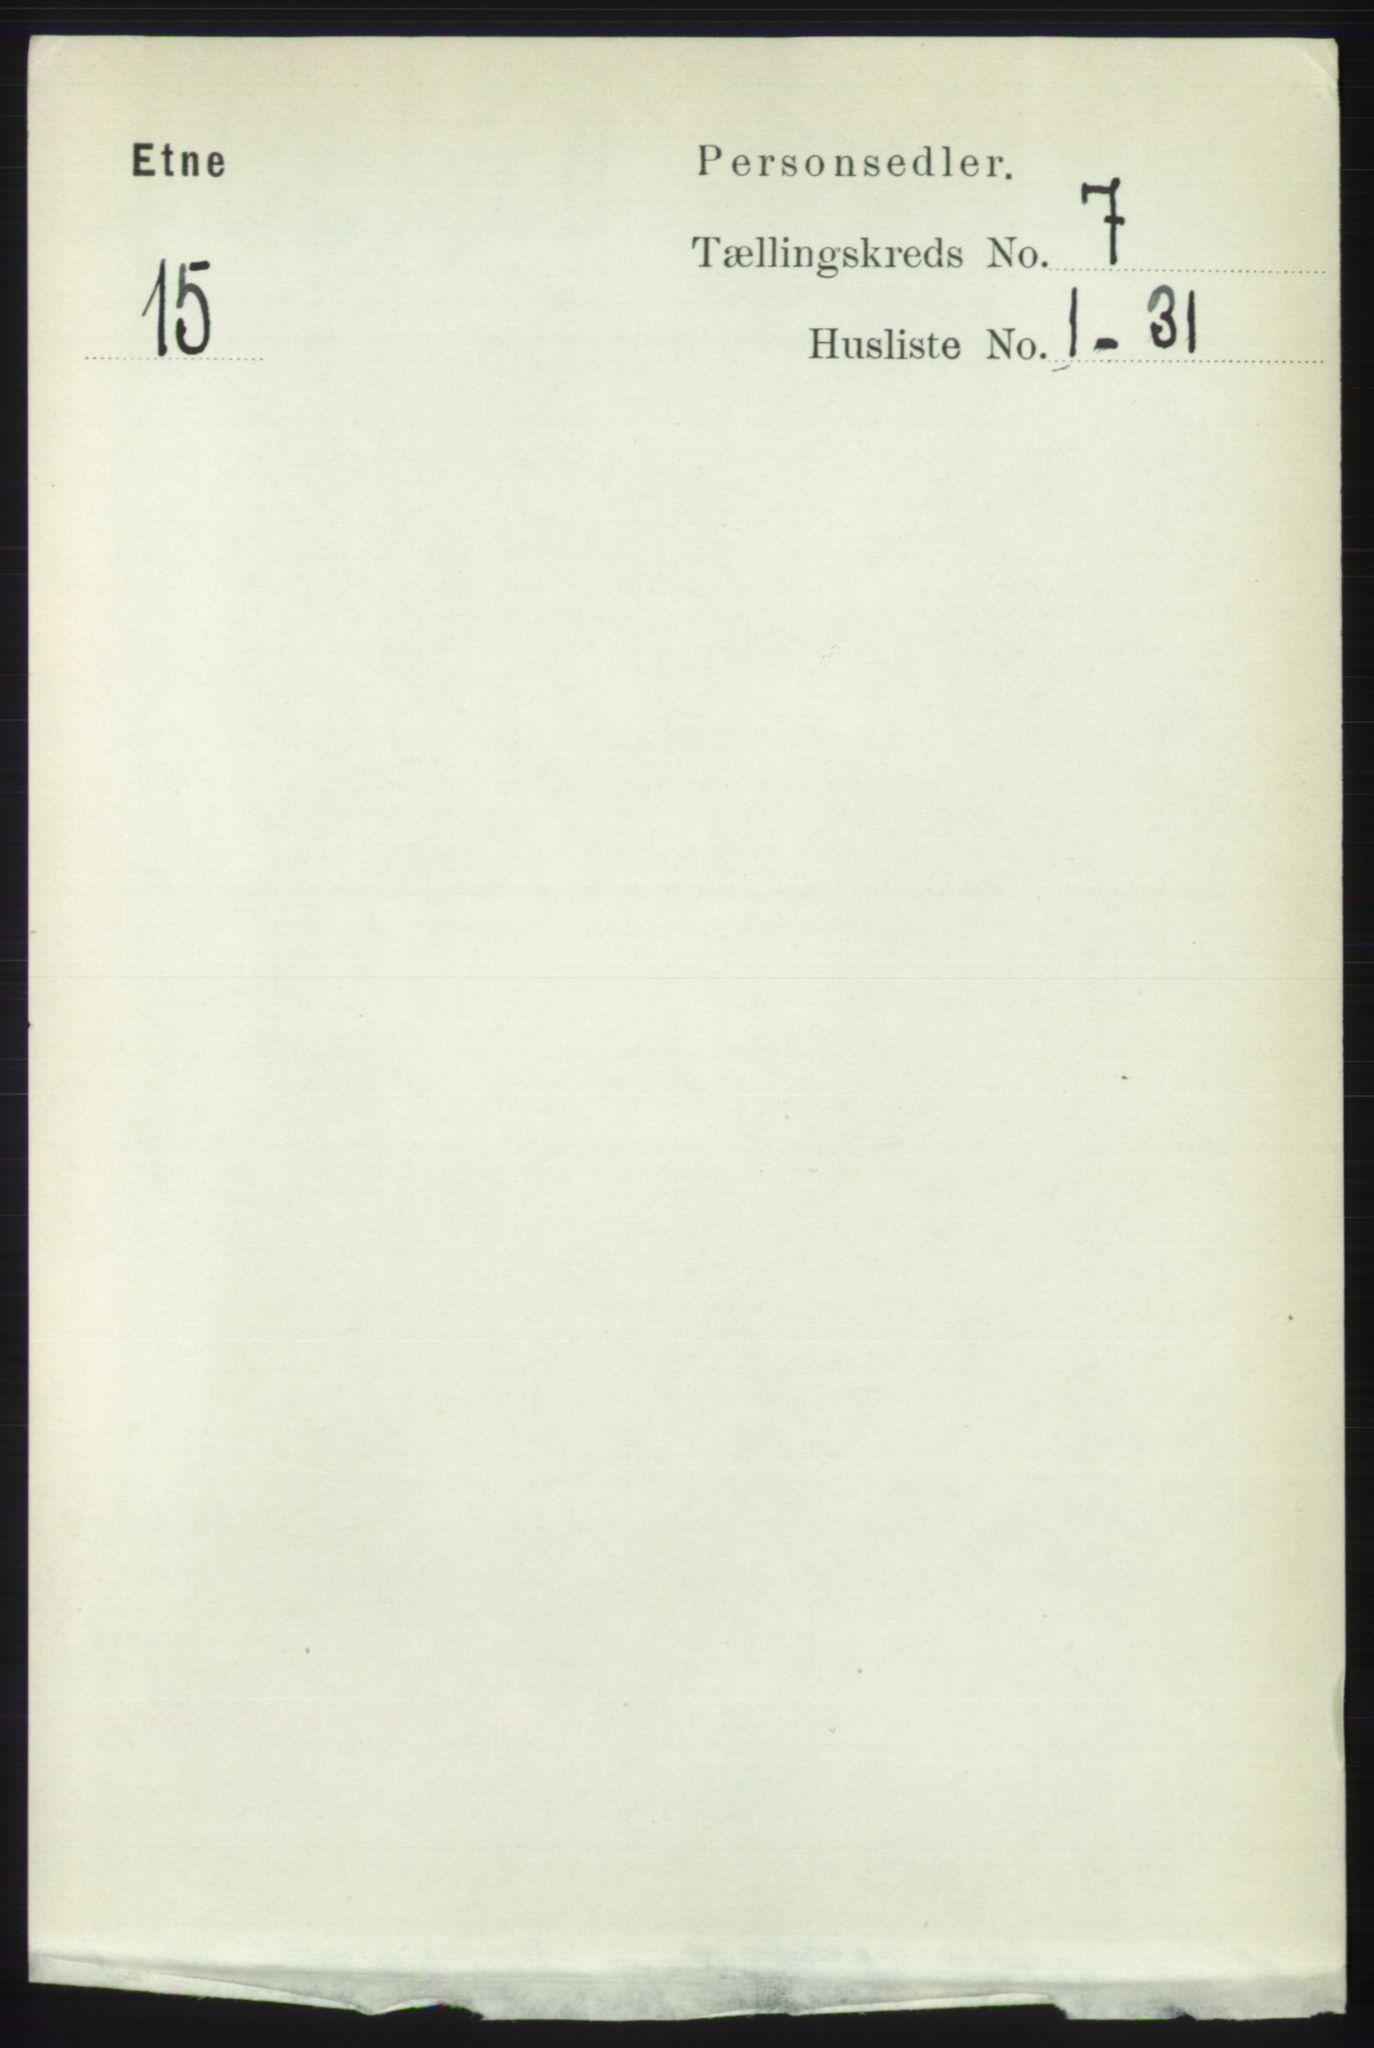 RA, Folketelling 1891 for 1211 Etne herred, 1891, s. 1391